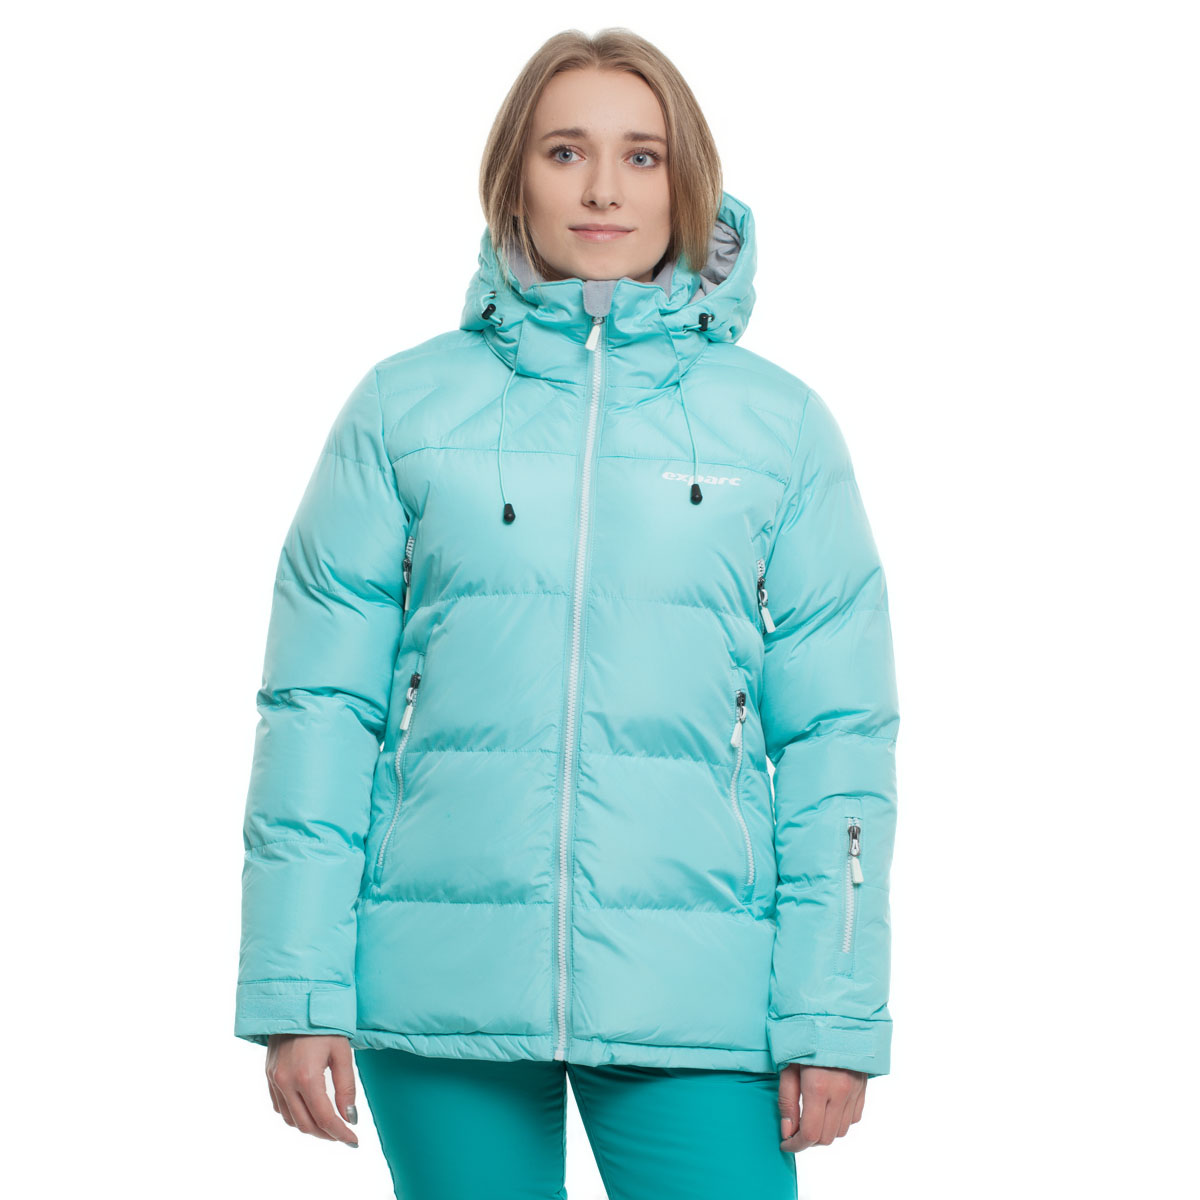 Куртка горнолыжная Exparc, DH-21018